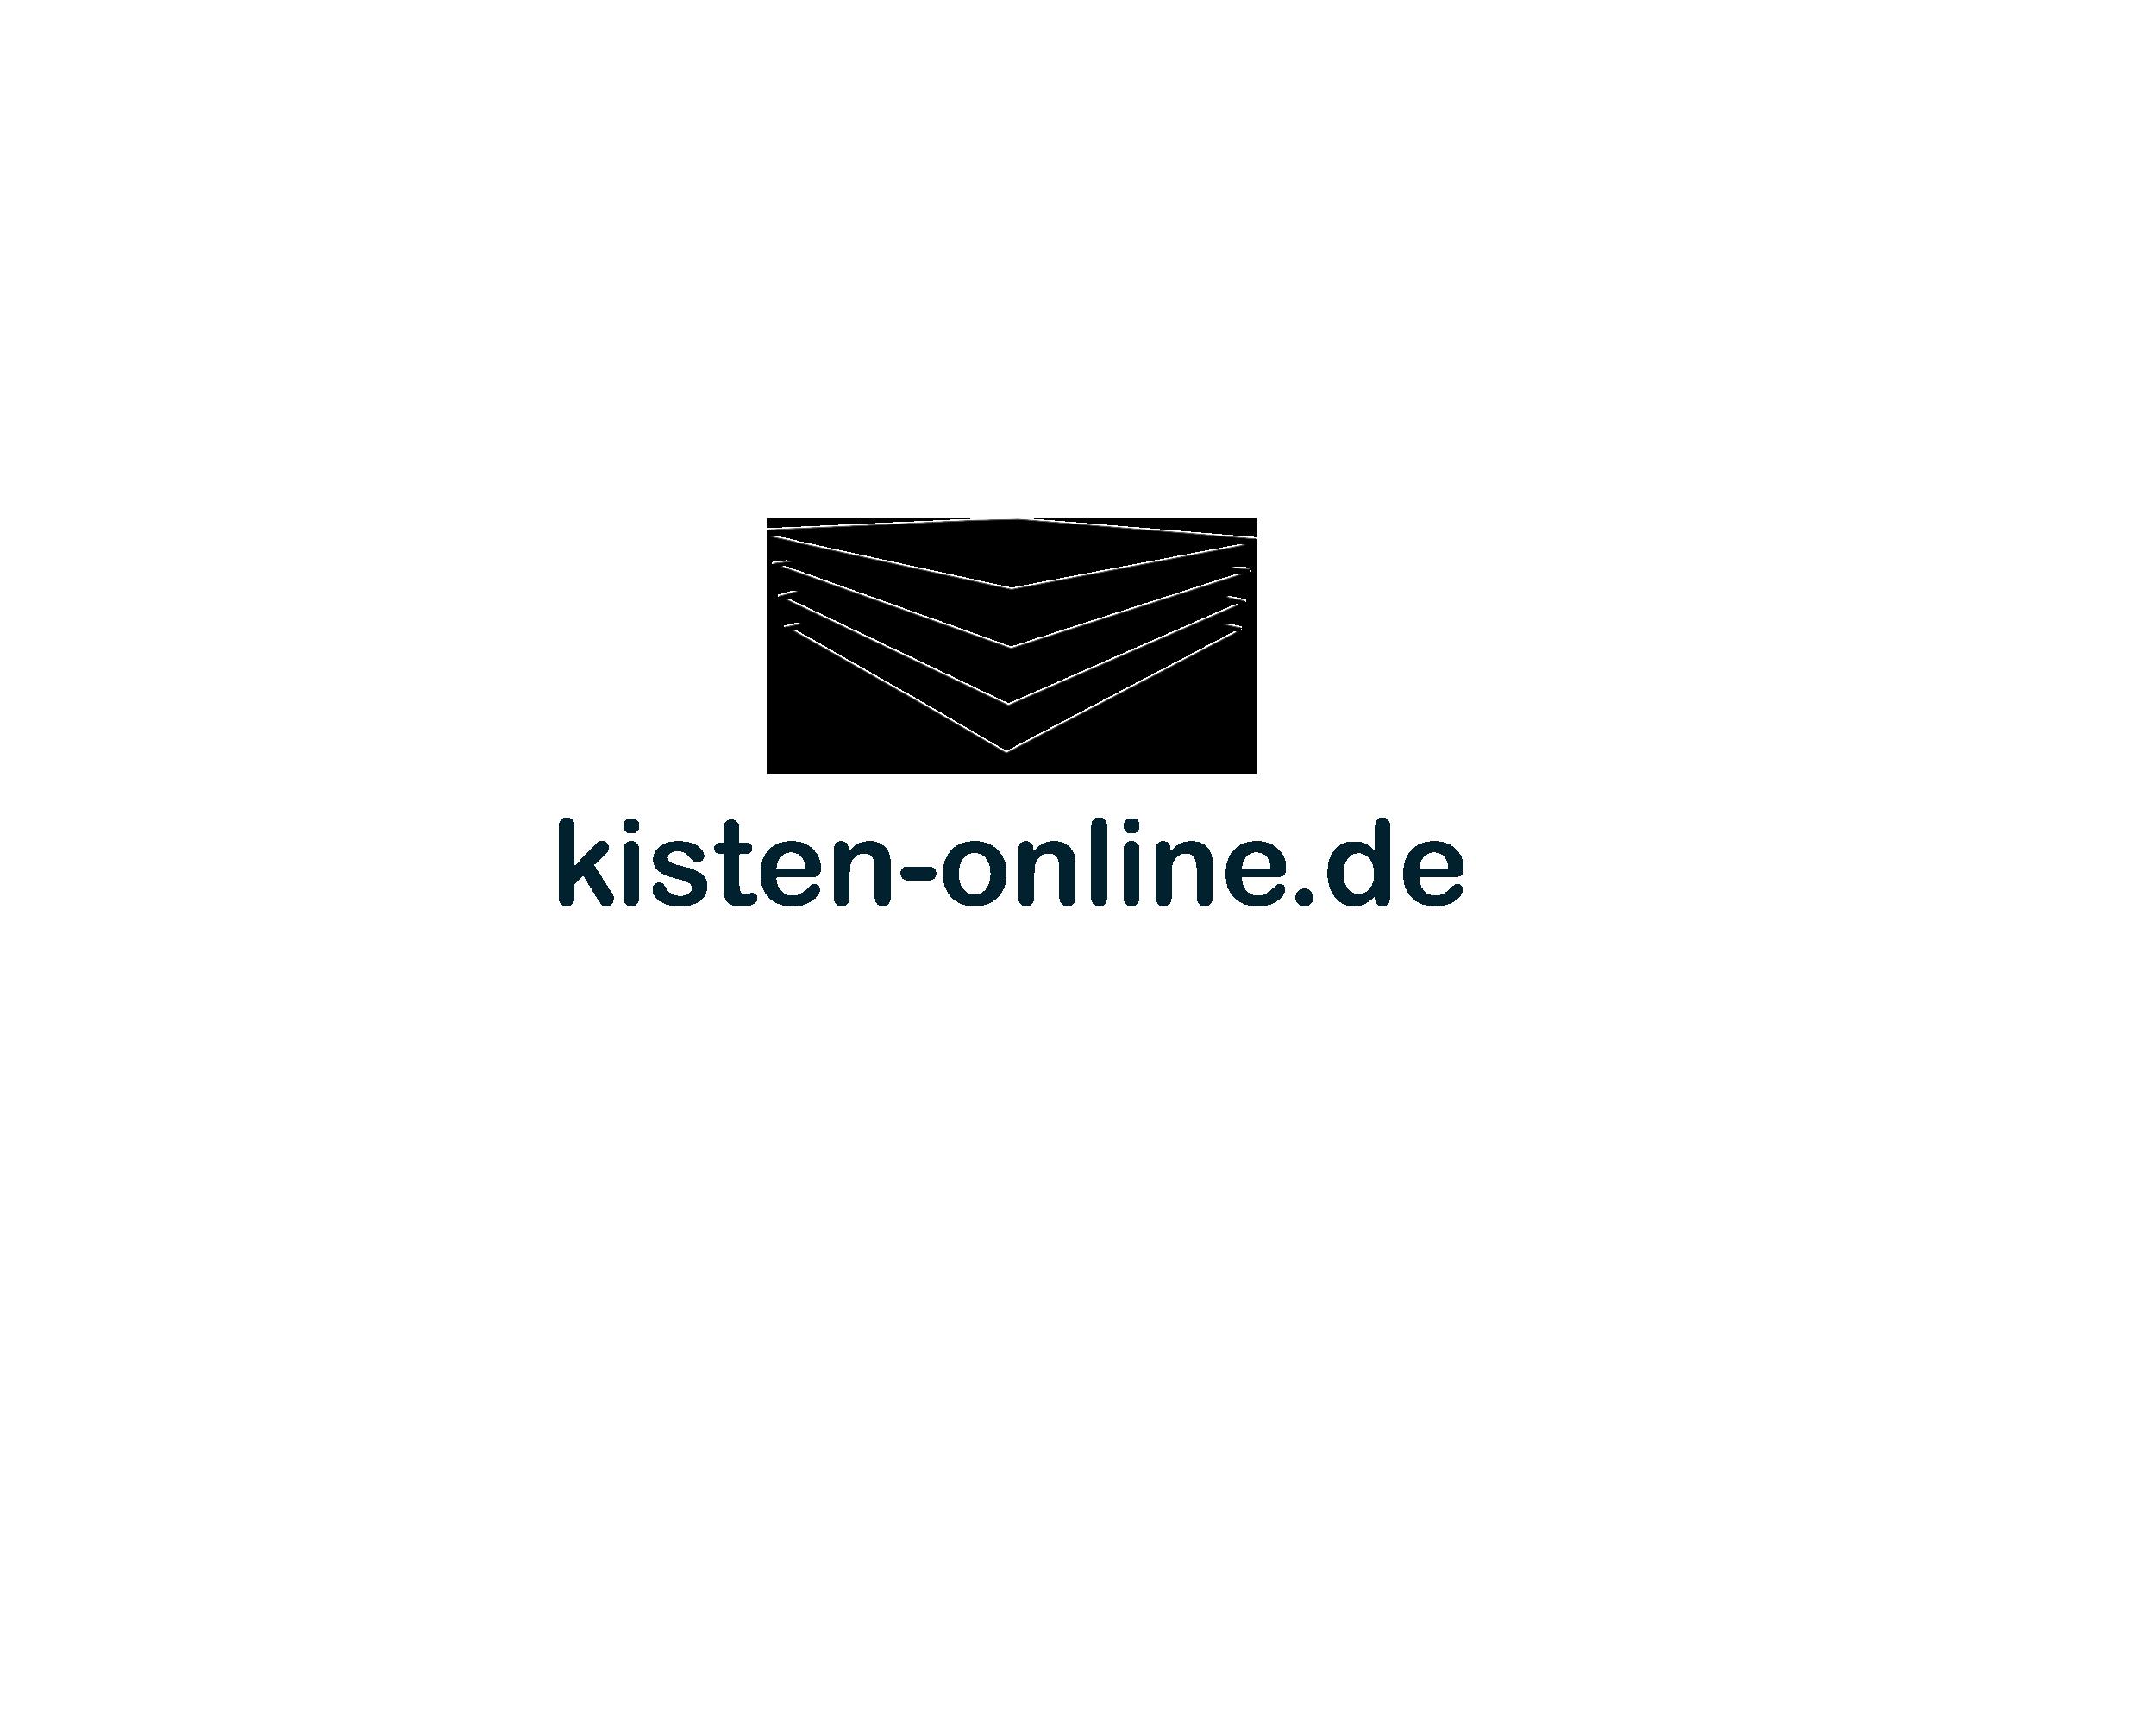 kisten-online.de